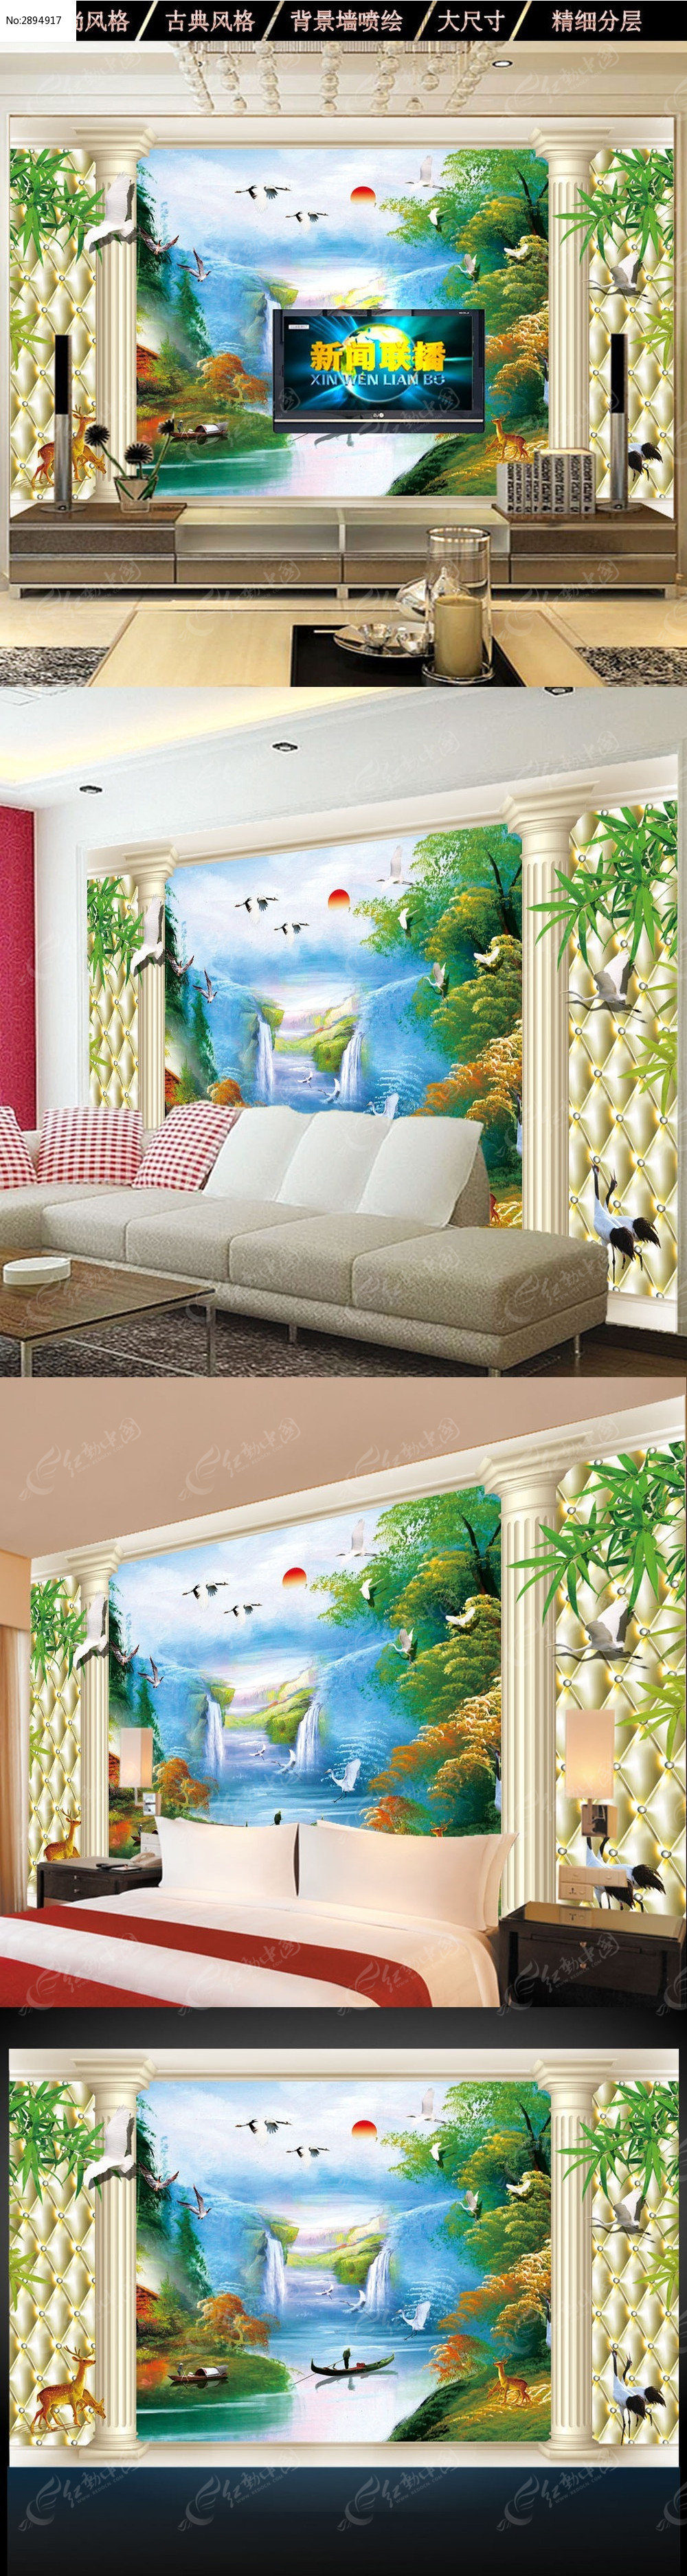 欧式3d柱子软装风景画电视背景墙